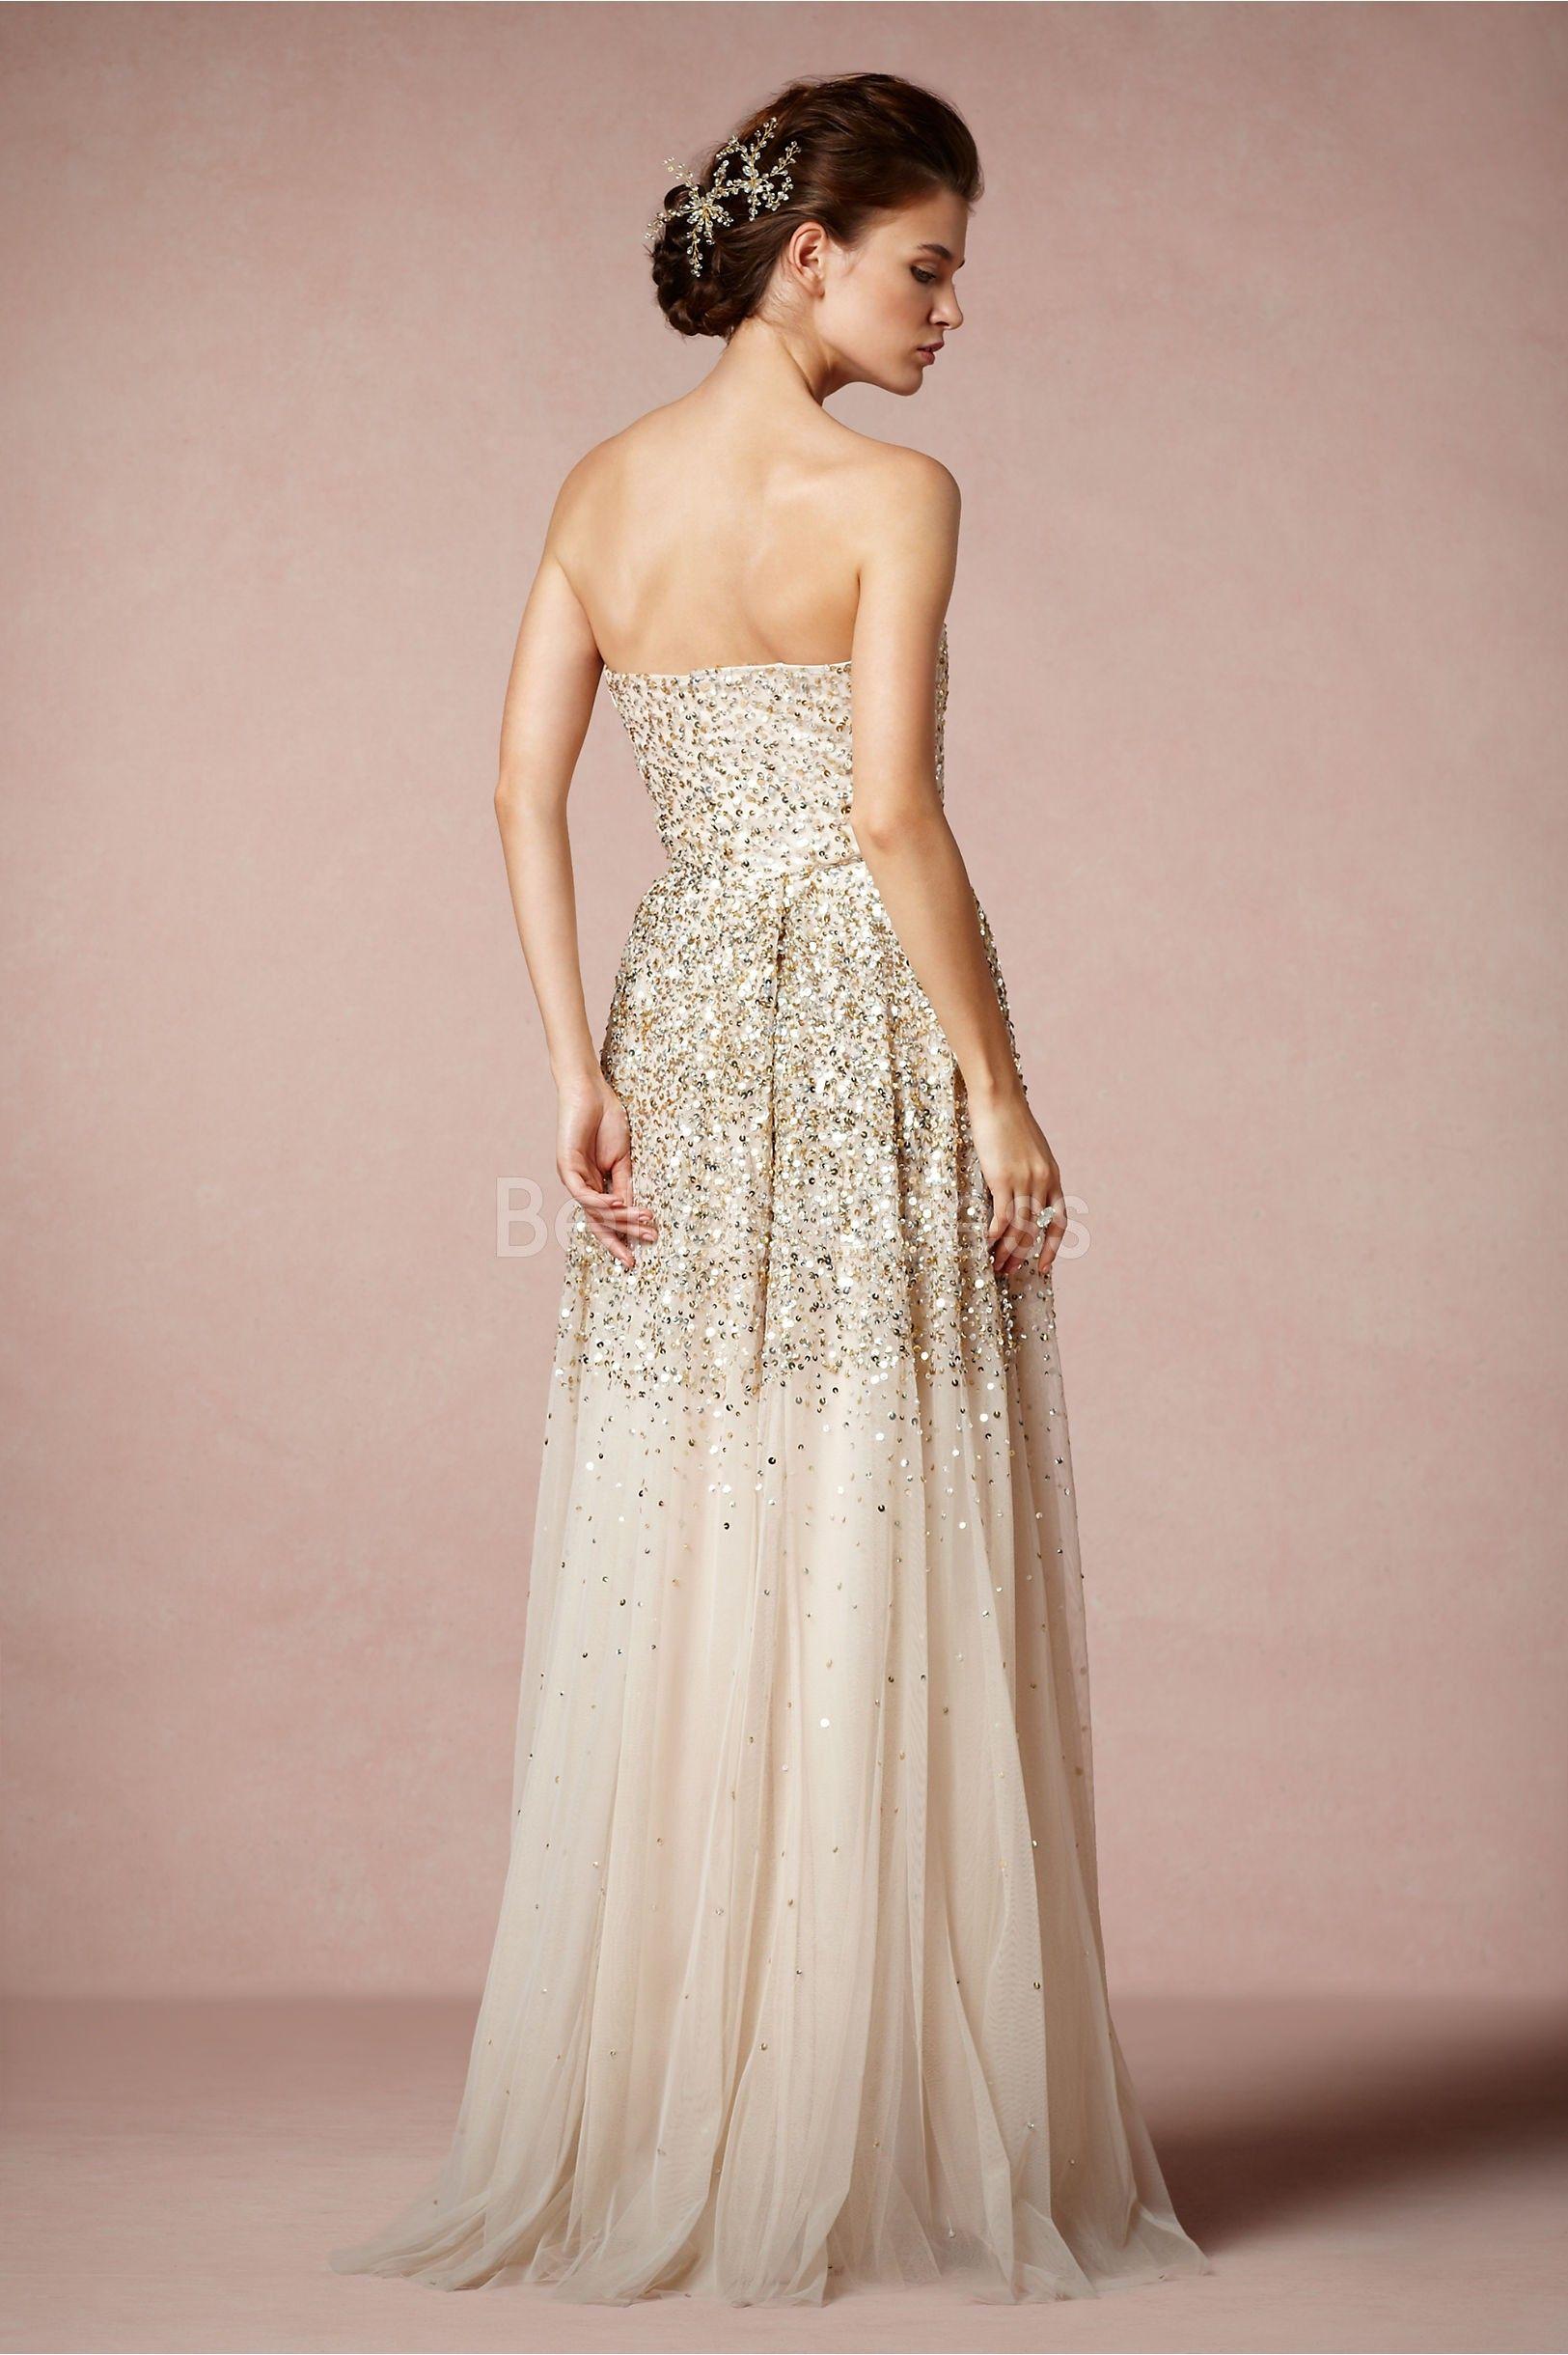 unique dresses - Google Search   Interesting Dresses   Pinterest